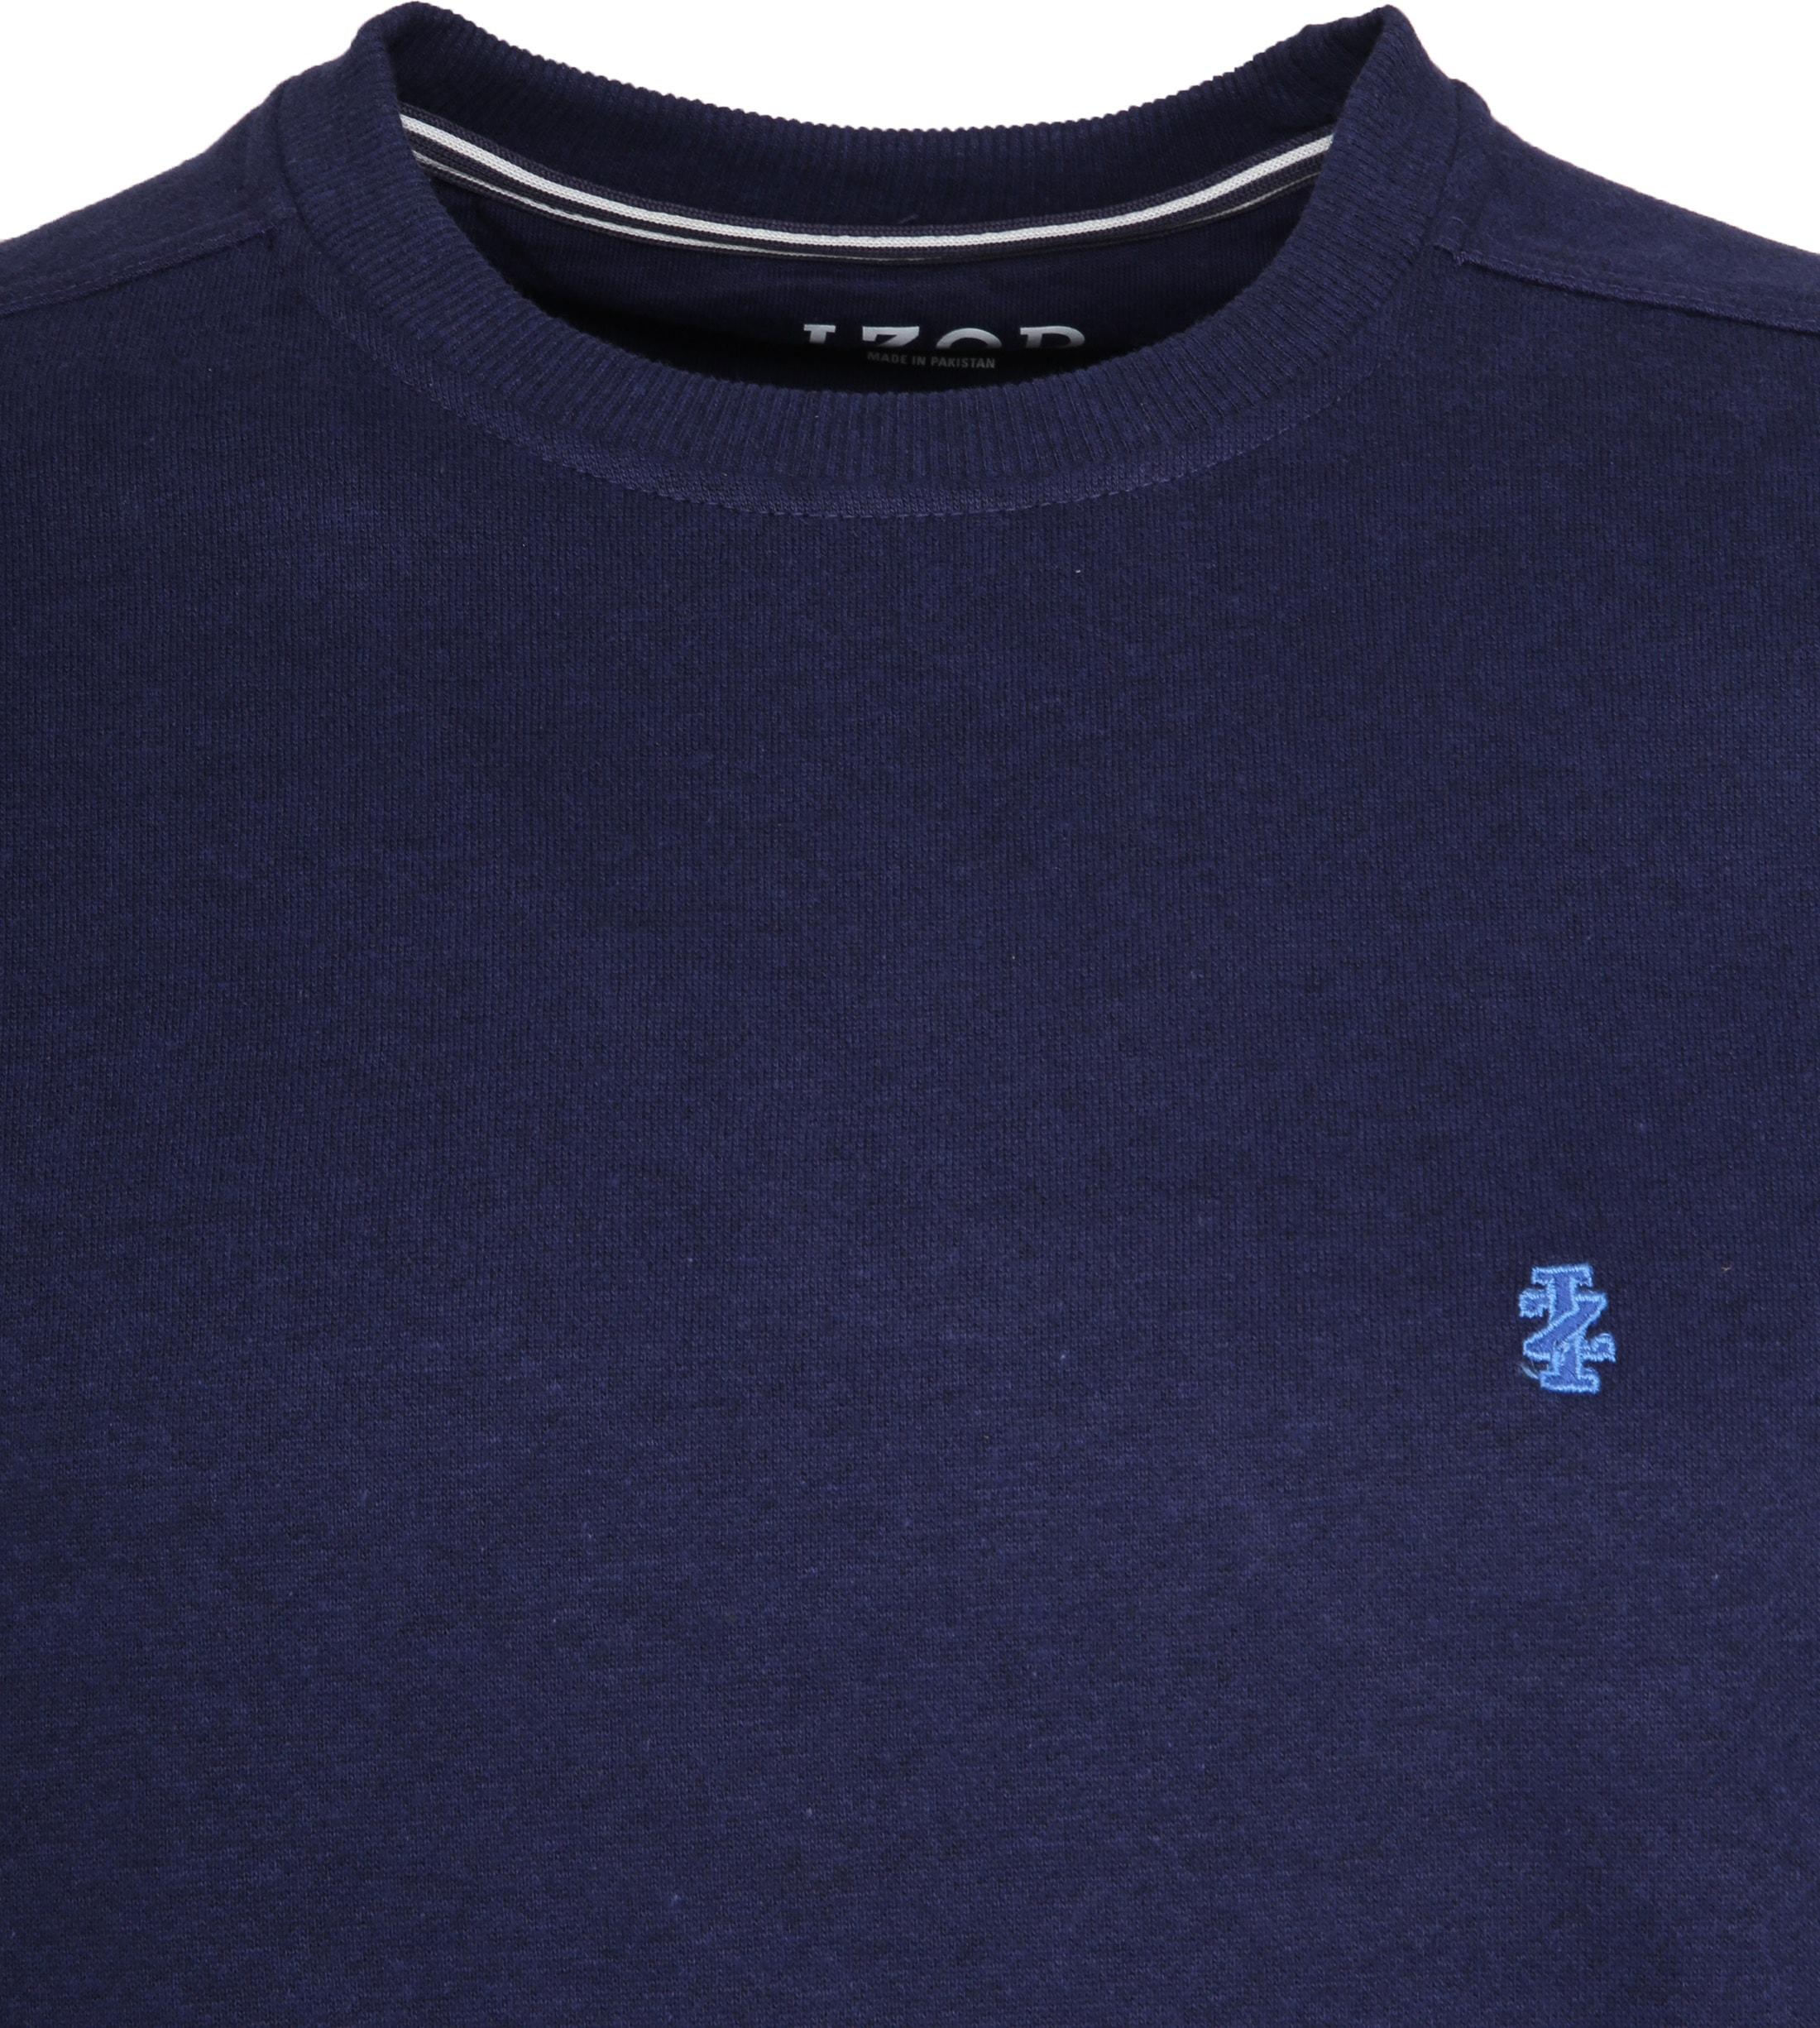 IZOD Solid Fleece Sweater Navy foto 1